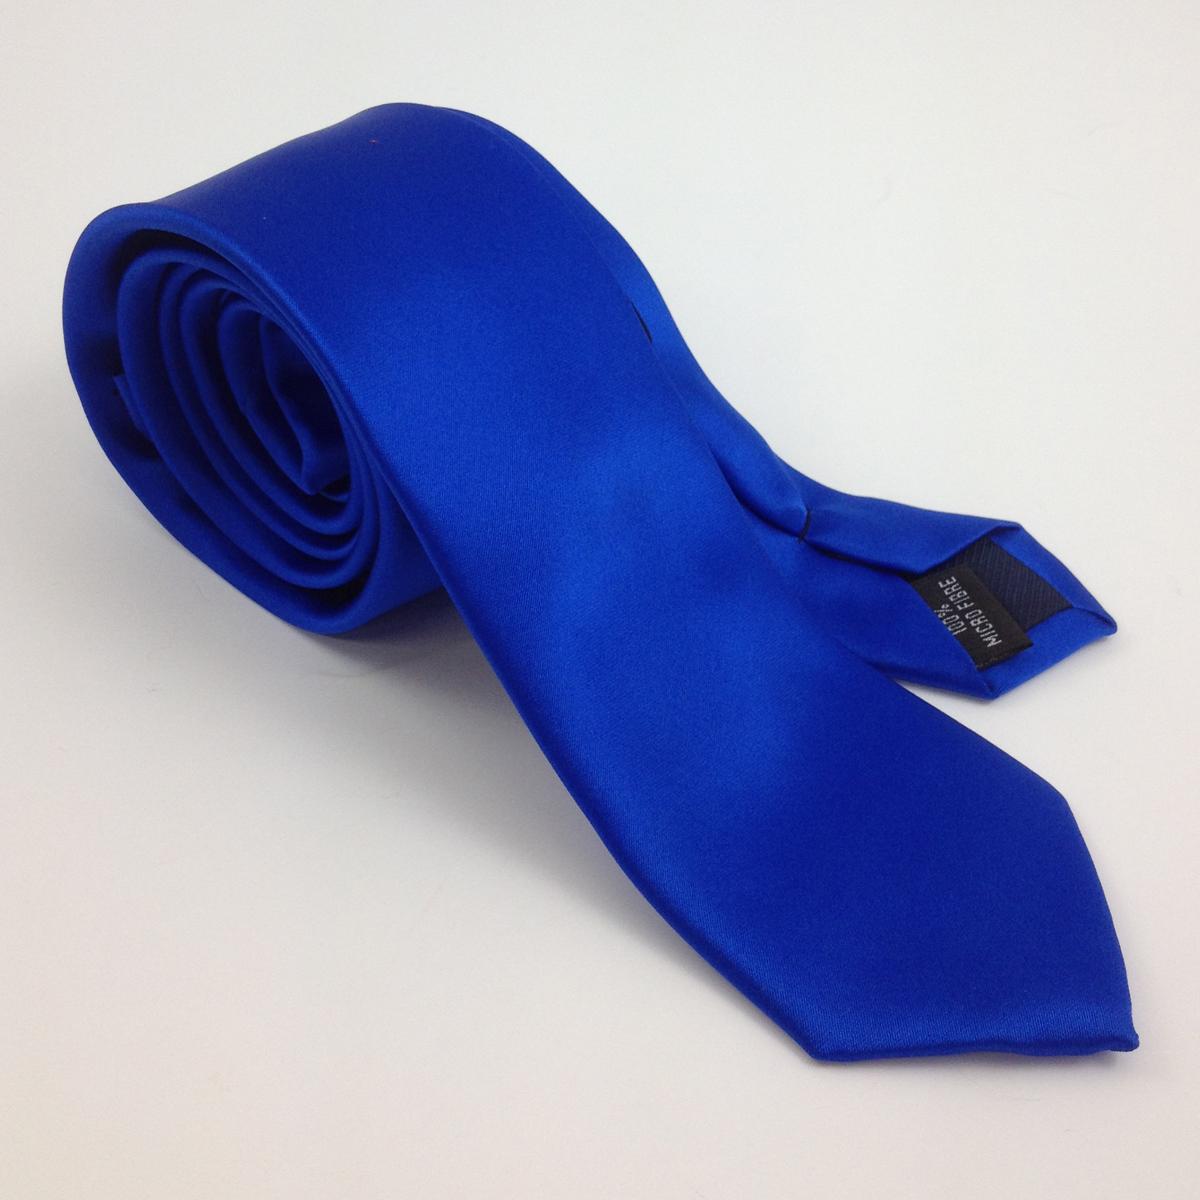 satin plain royal q mens ties facemasks con murphys menswear cork - - Con Murphys Menswear